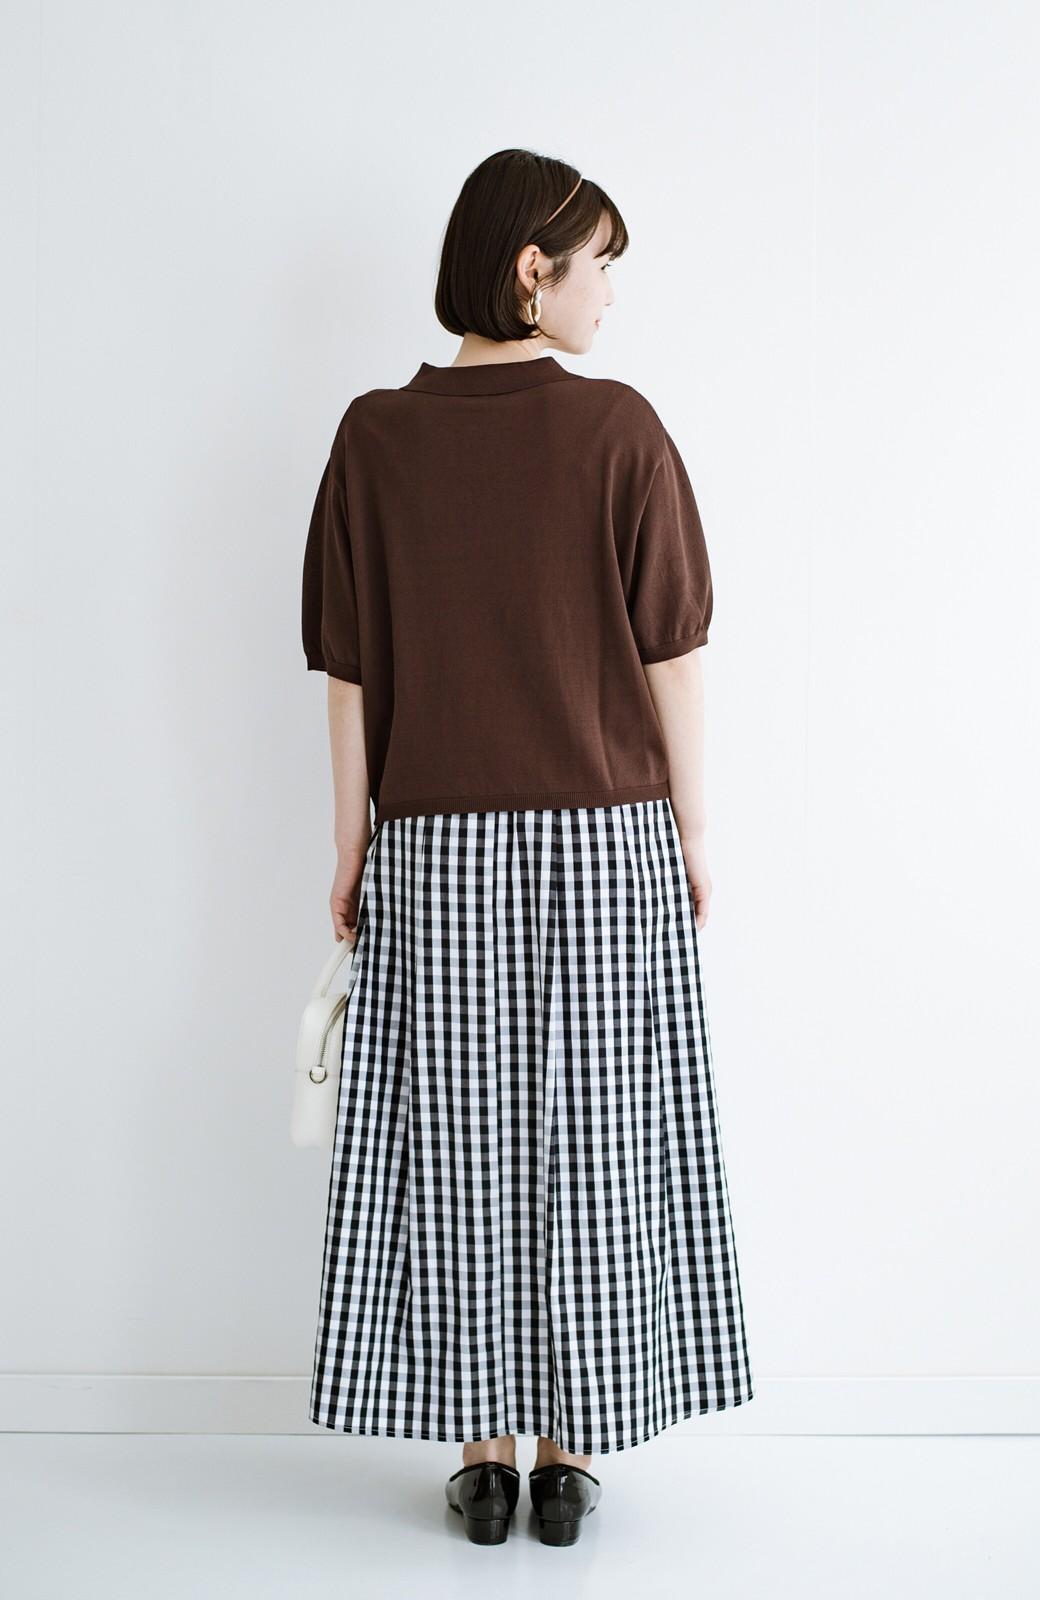 haco! Tシャツ代わりに着ておしゃれ気分が高まる 洗濯機で洗えるポロニットトップス <ブラウン>の商品写真14